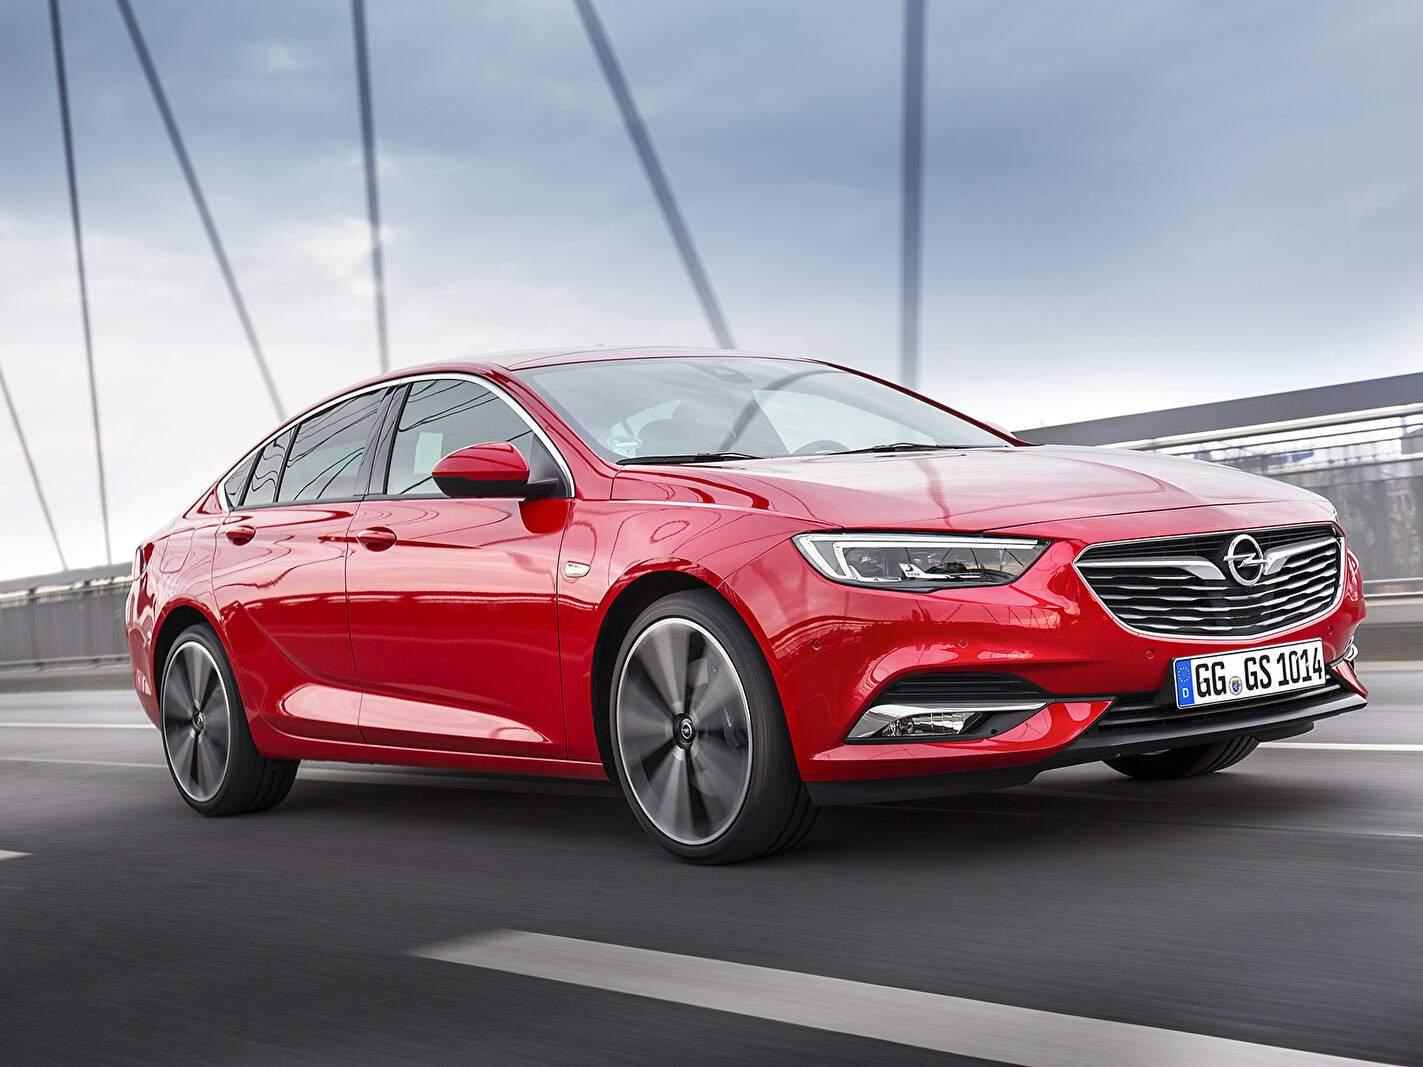 Opel Insignia II Grand Sport 2.0 Turbo 260 (B) (2017-2018),  ajouté par fox58